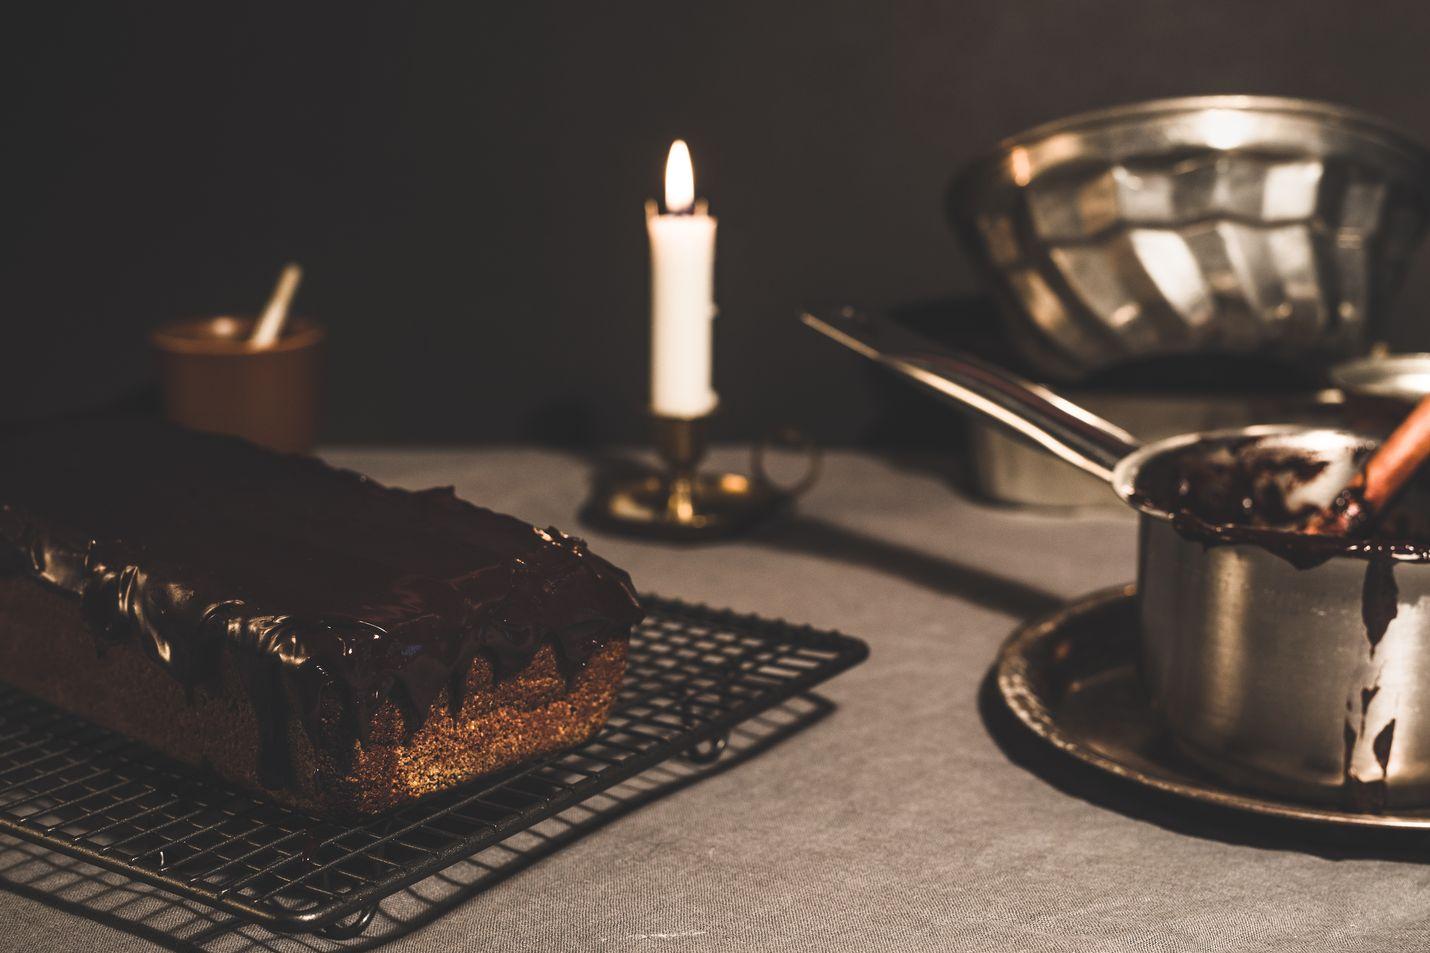 Taatelikakku on jouluisten kuivakakkujen rakastettu klassikko. Muista käyttää juuri leivontaan tarkoitettuja taateleita.